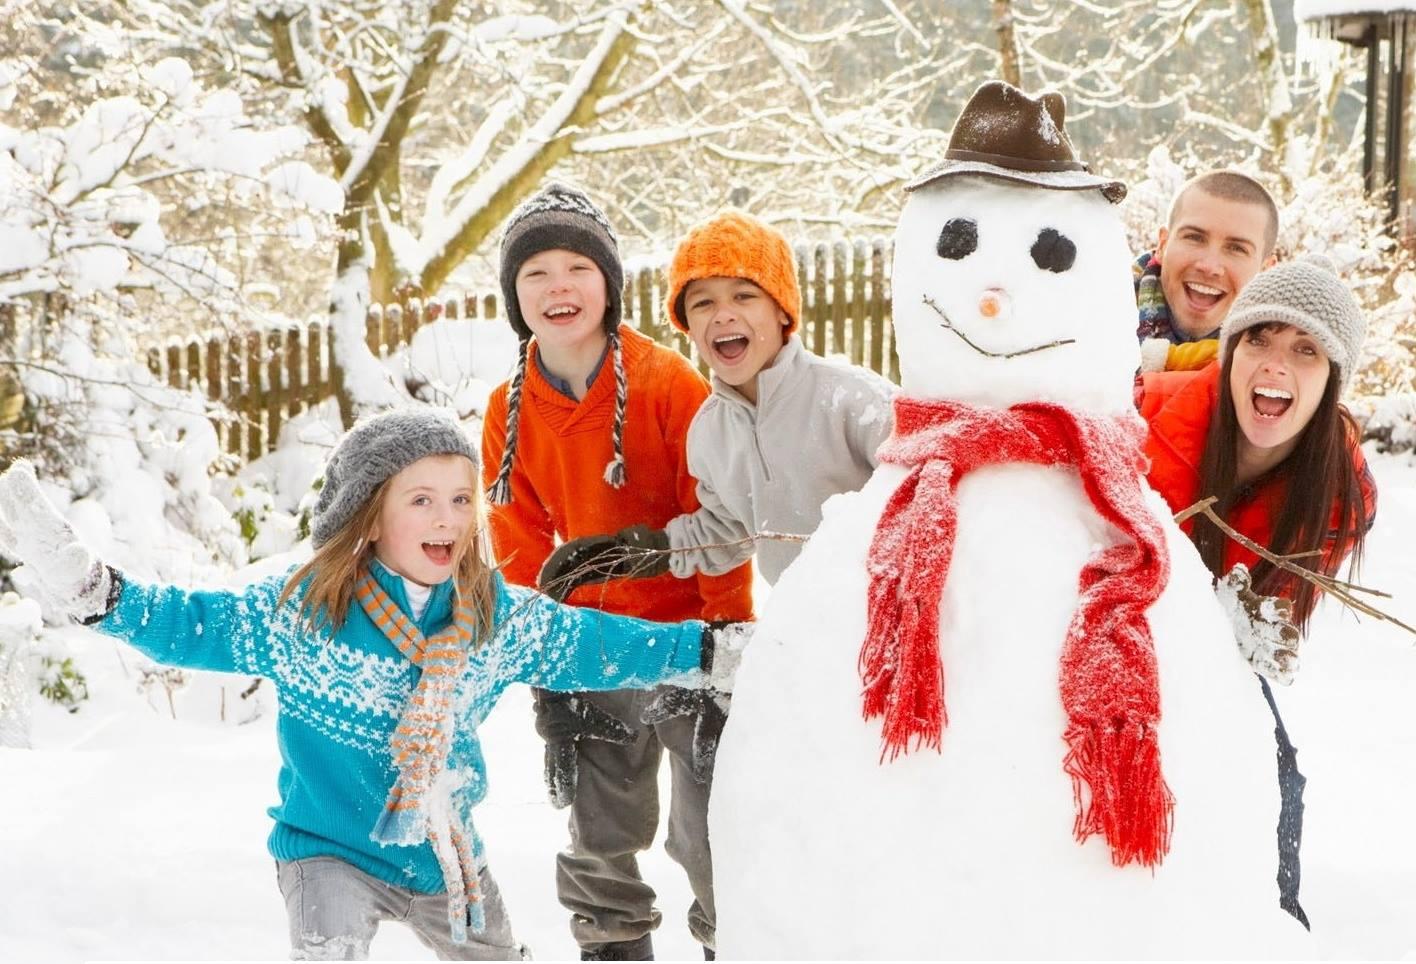 Новогодняя сказка в Петербурге. Более 6 тысяч школьников провели зимние каникулы в оздоровительных лагерях